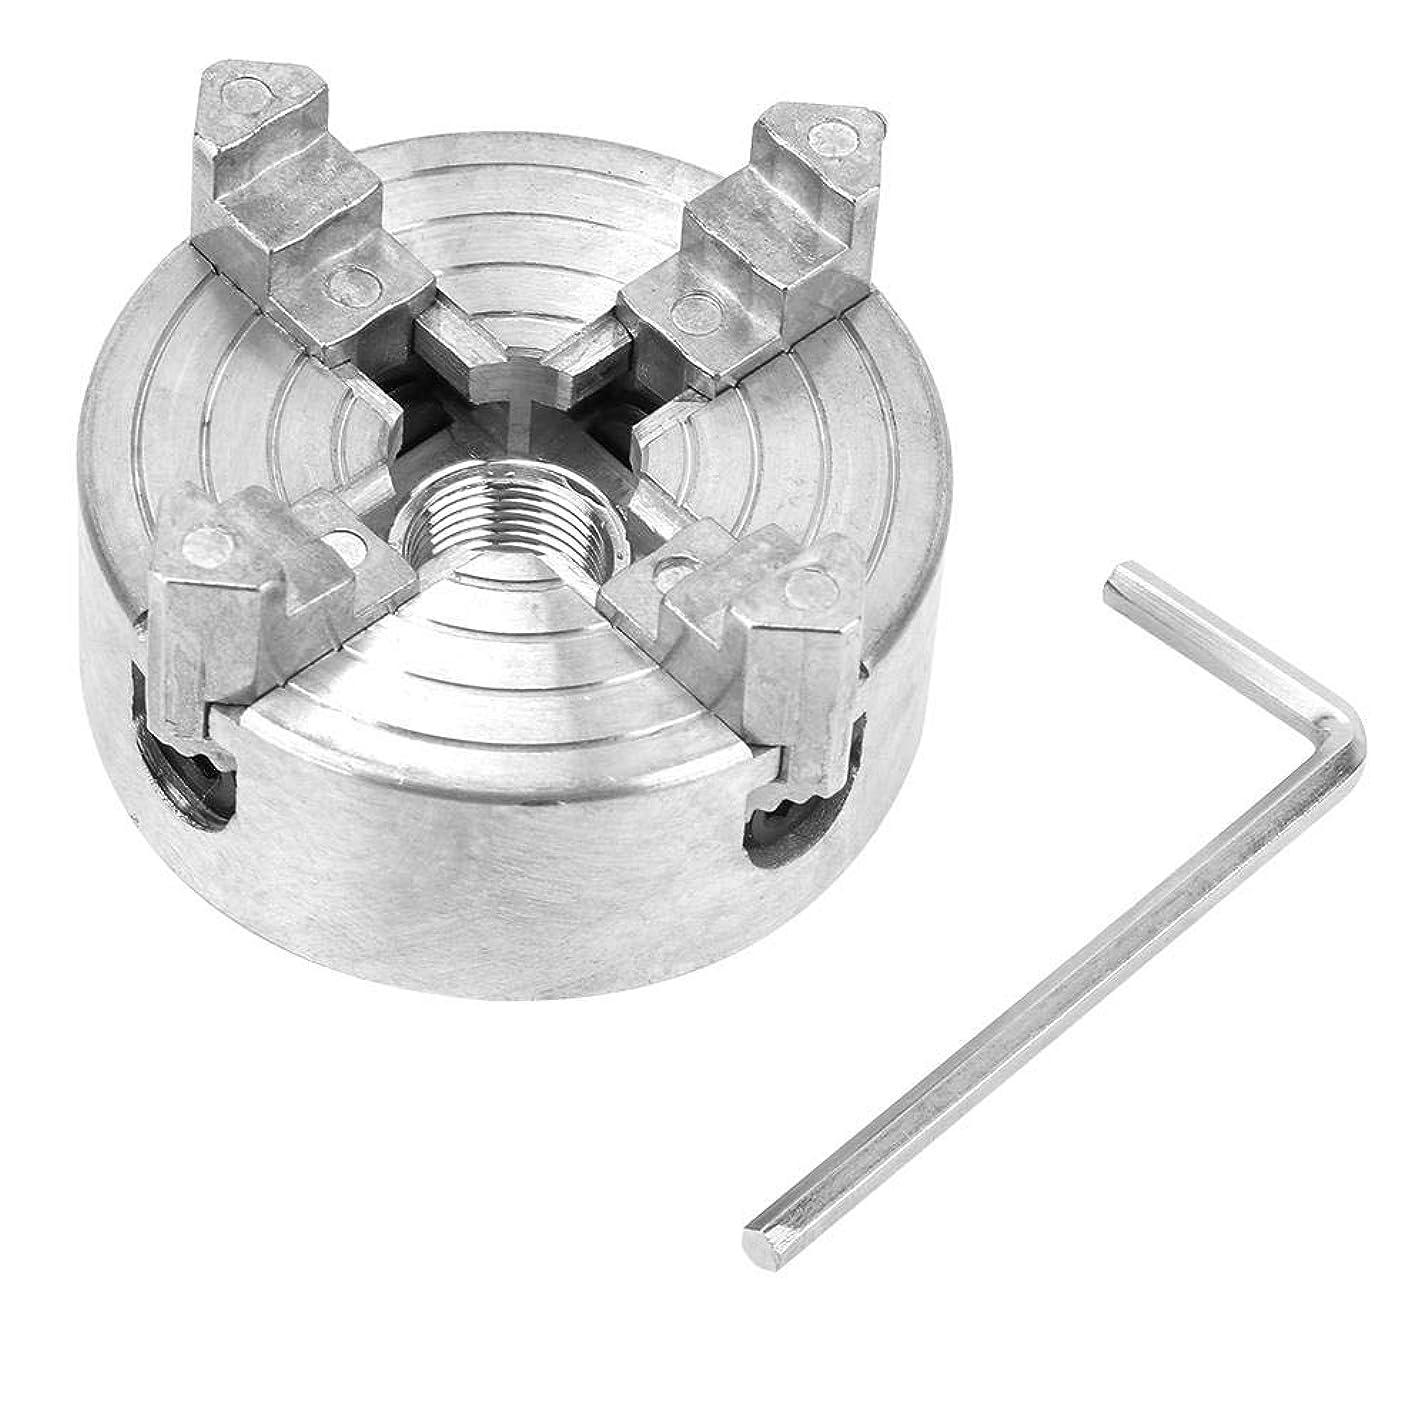 電子汚すあいさつミニメタル旋盤用亜鉛合金4ジョーチャッククランプアクセサリーZ011A